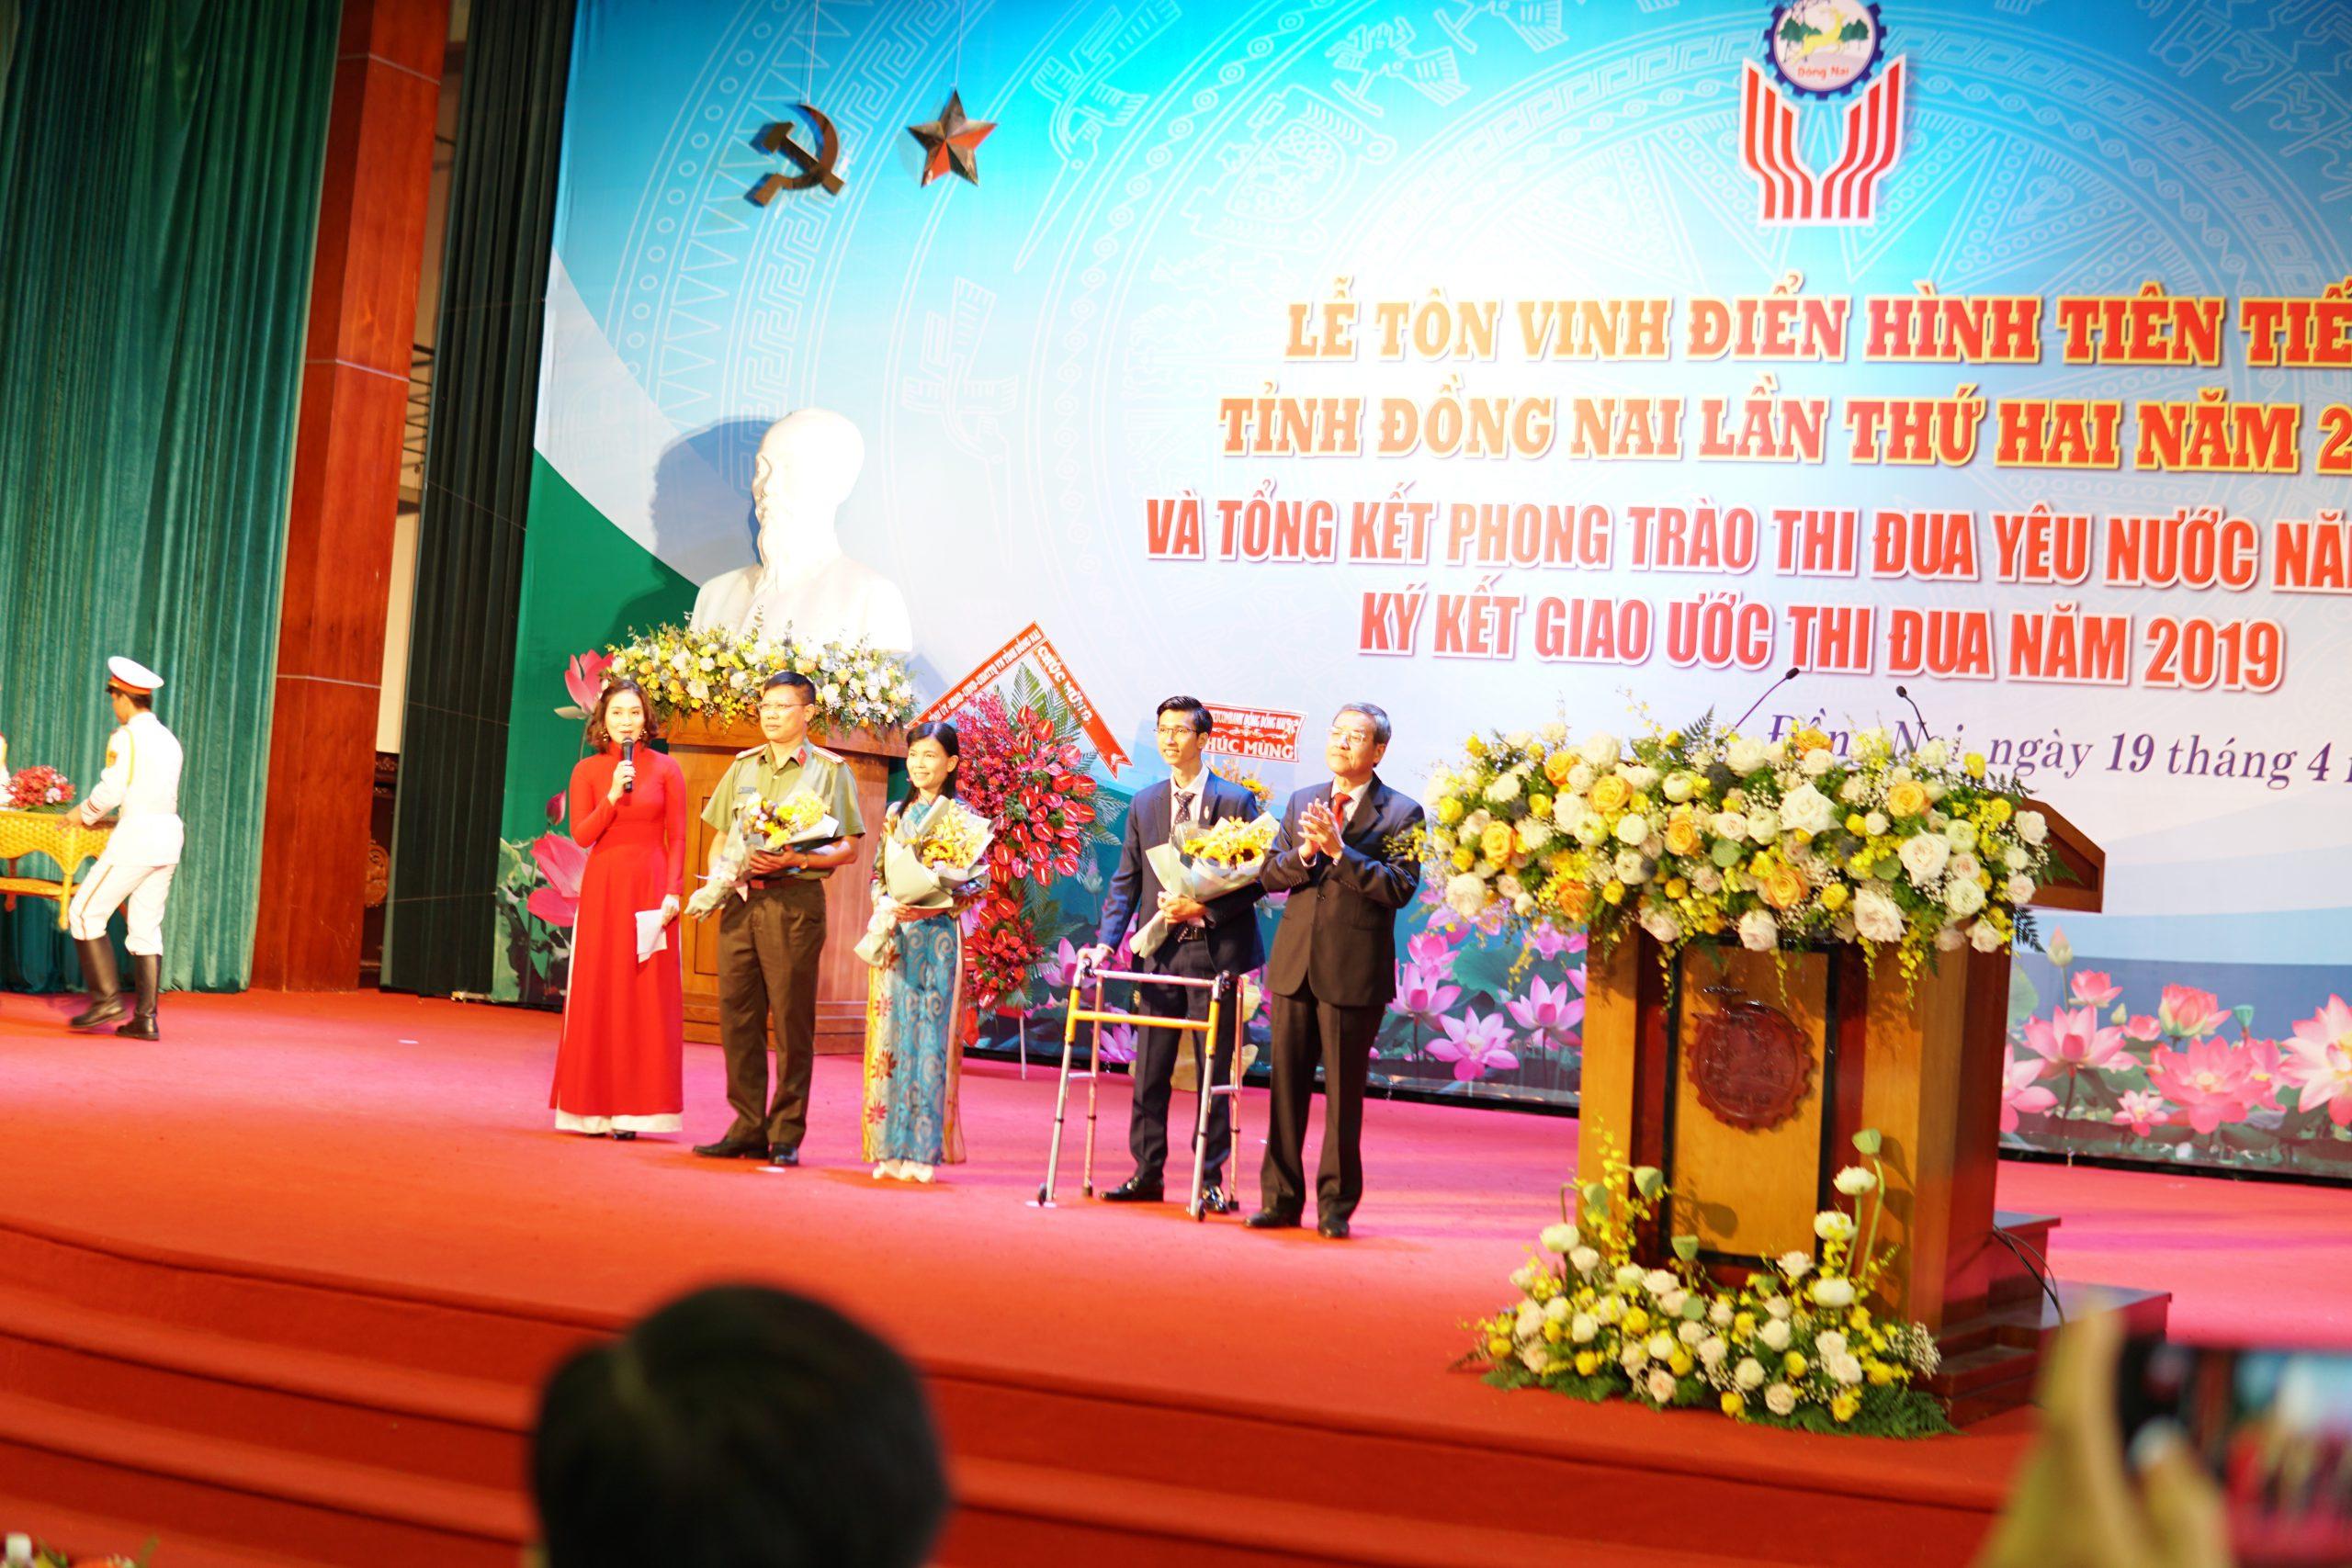 giam doc nguyen ngoc ha vinatrends nhan bang khen ca nhan dien hinh nam 2018 tinh dong nai 10 scaled CEO Nguyễn Hà được tuyên dương điển hình tiên tiến tỉnh Đồng Nai năm 2019